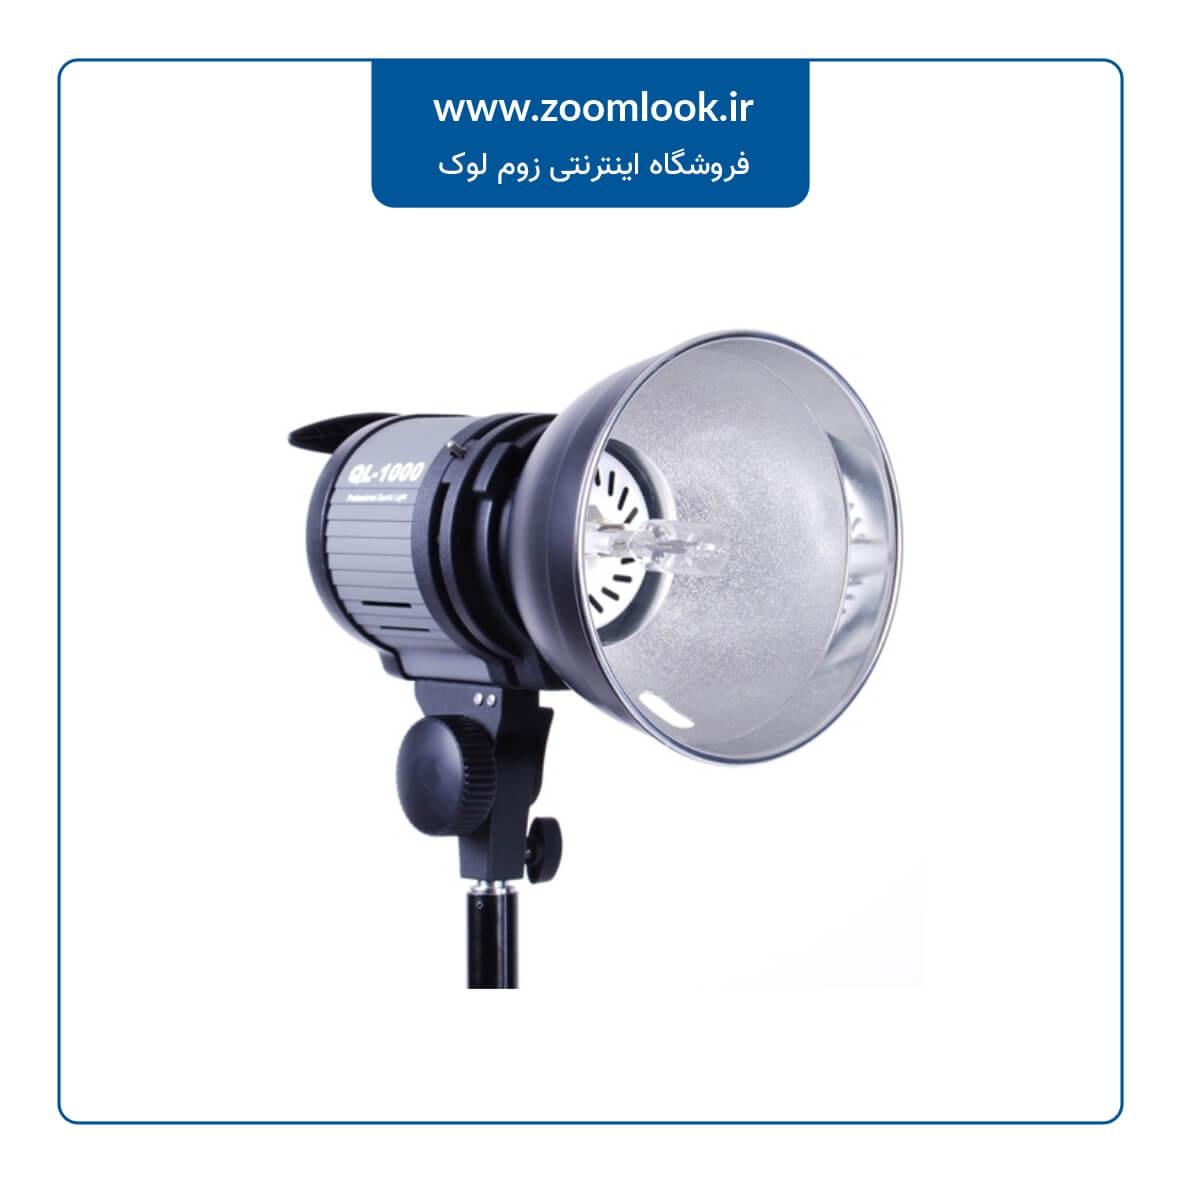 فلات نور ثابت متل مدل Mettle QL-1000